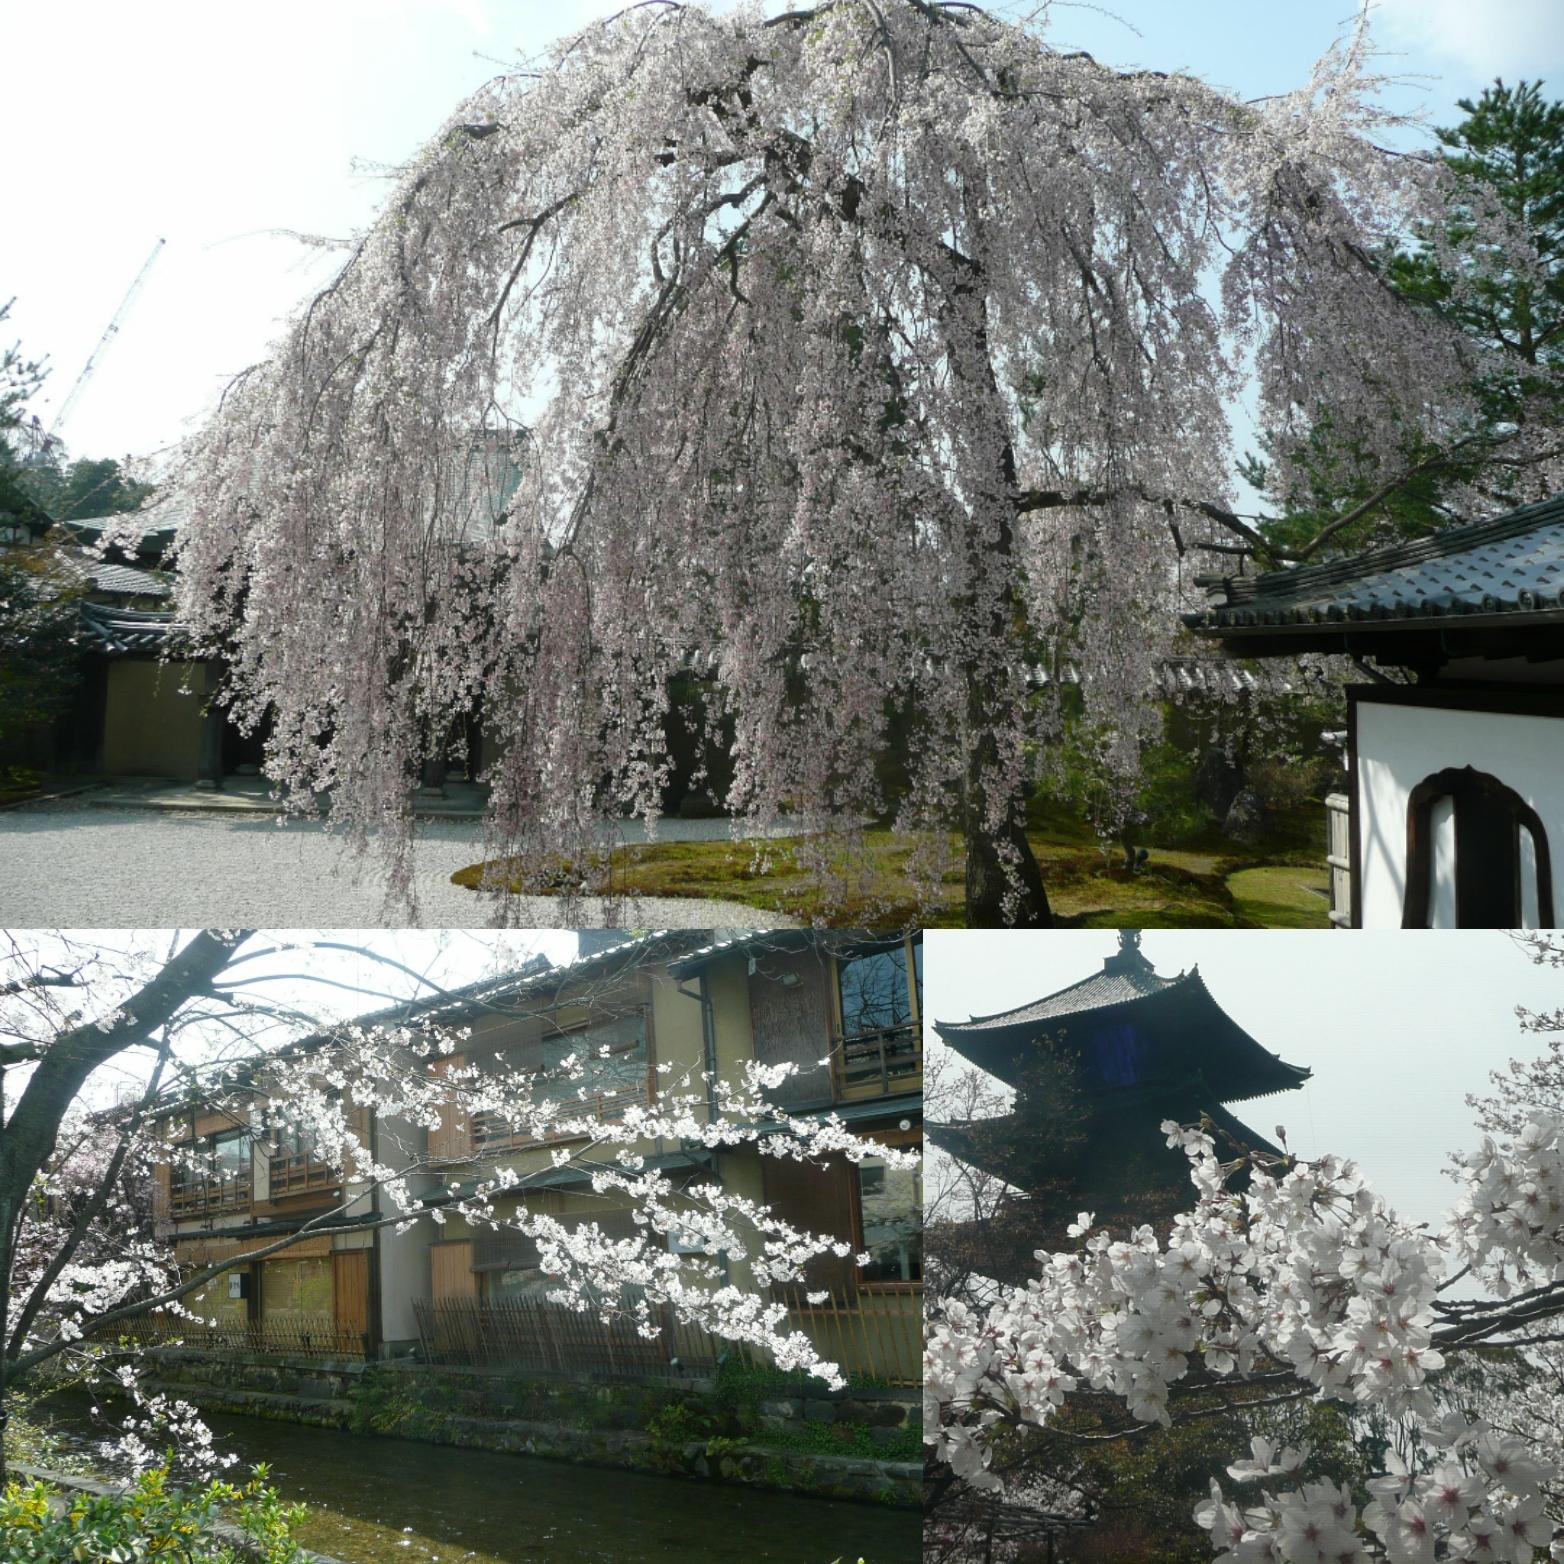 〇〇な休日・番外編第2話・利用者さんの〇〇な休日~京都へ桜のお花見に行ってきました。~